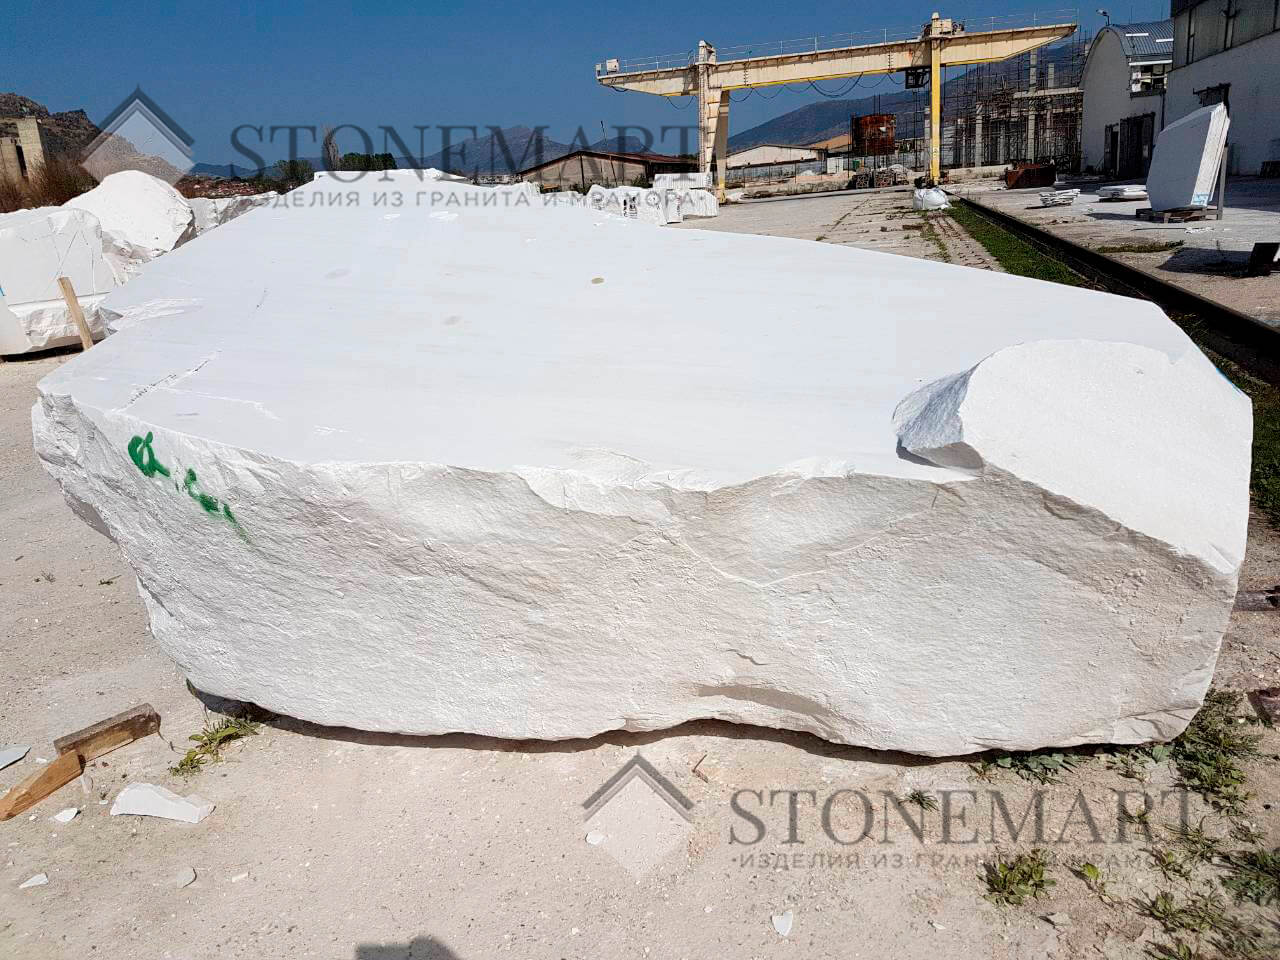 Мраморный блок Sivec. Цвет: белый. Используется для изготовления скульптур и декоративных изделий благодаря легкой обработке и устойчивости к истиранию и влаге